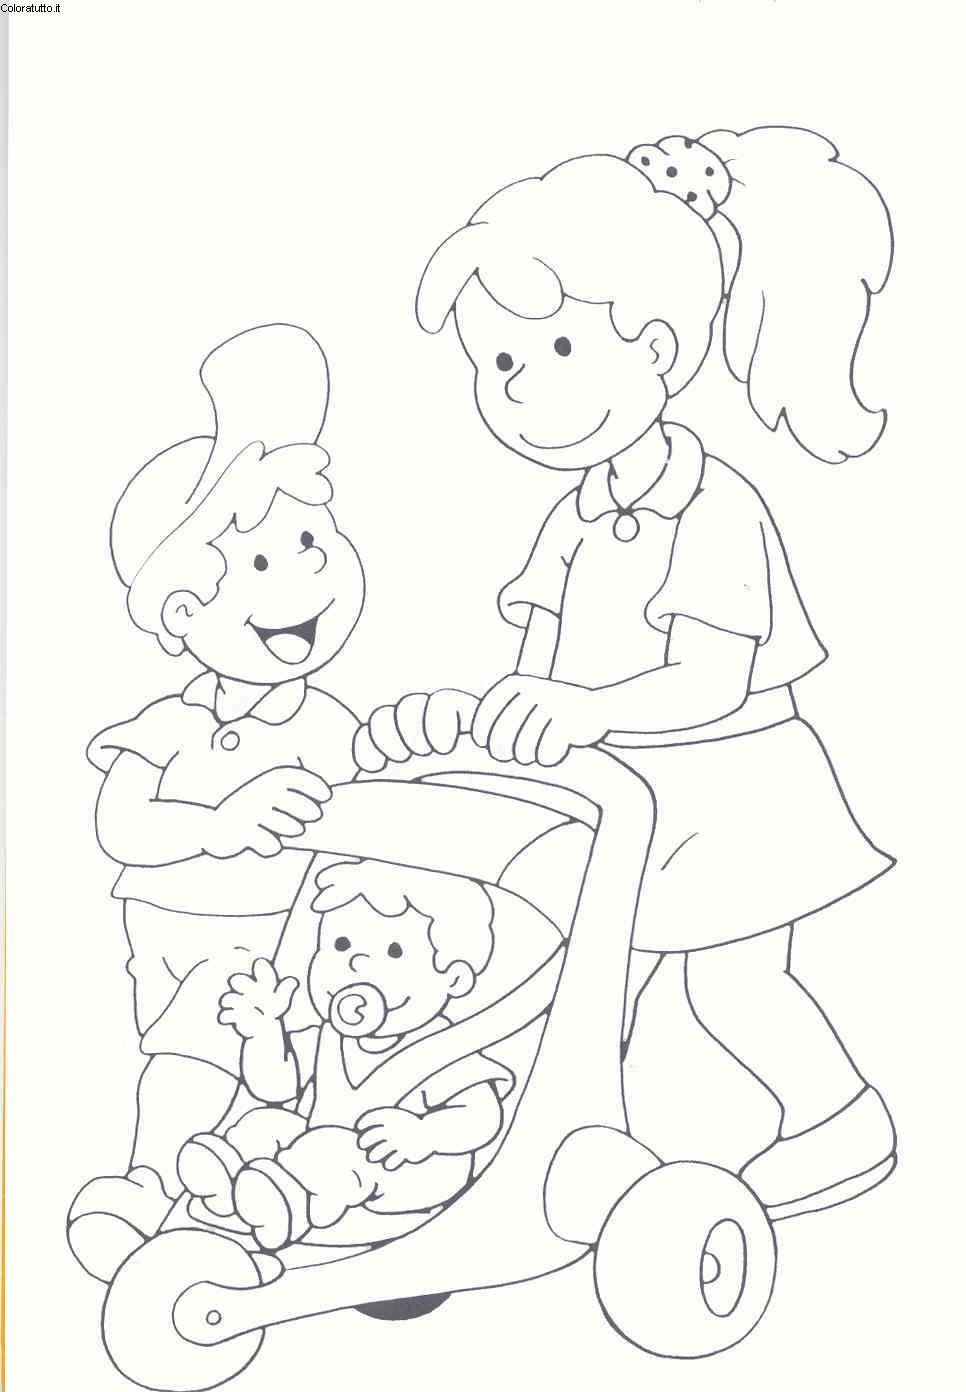 4 5 Anni, Disegni per bambini da colorare